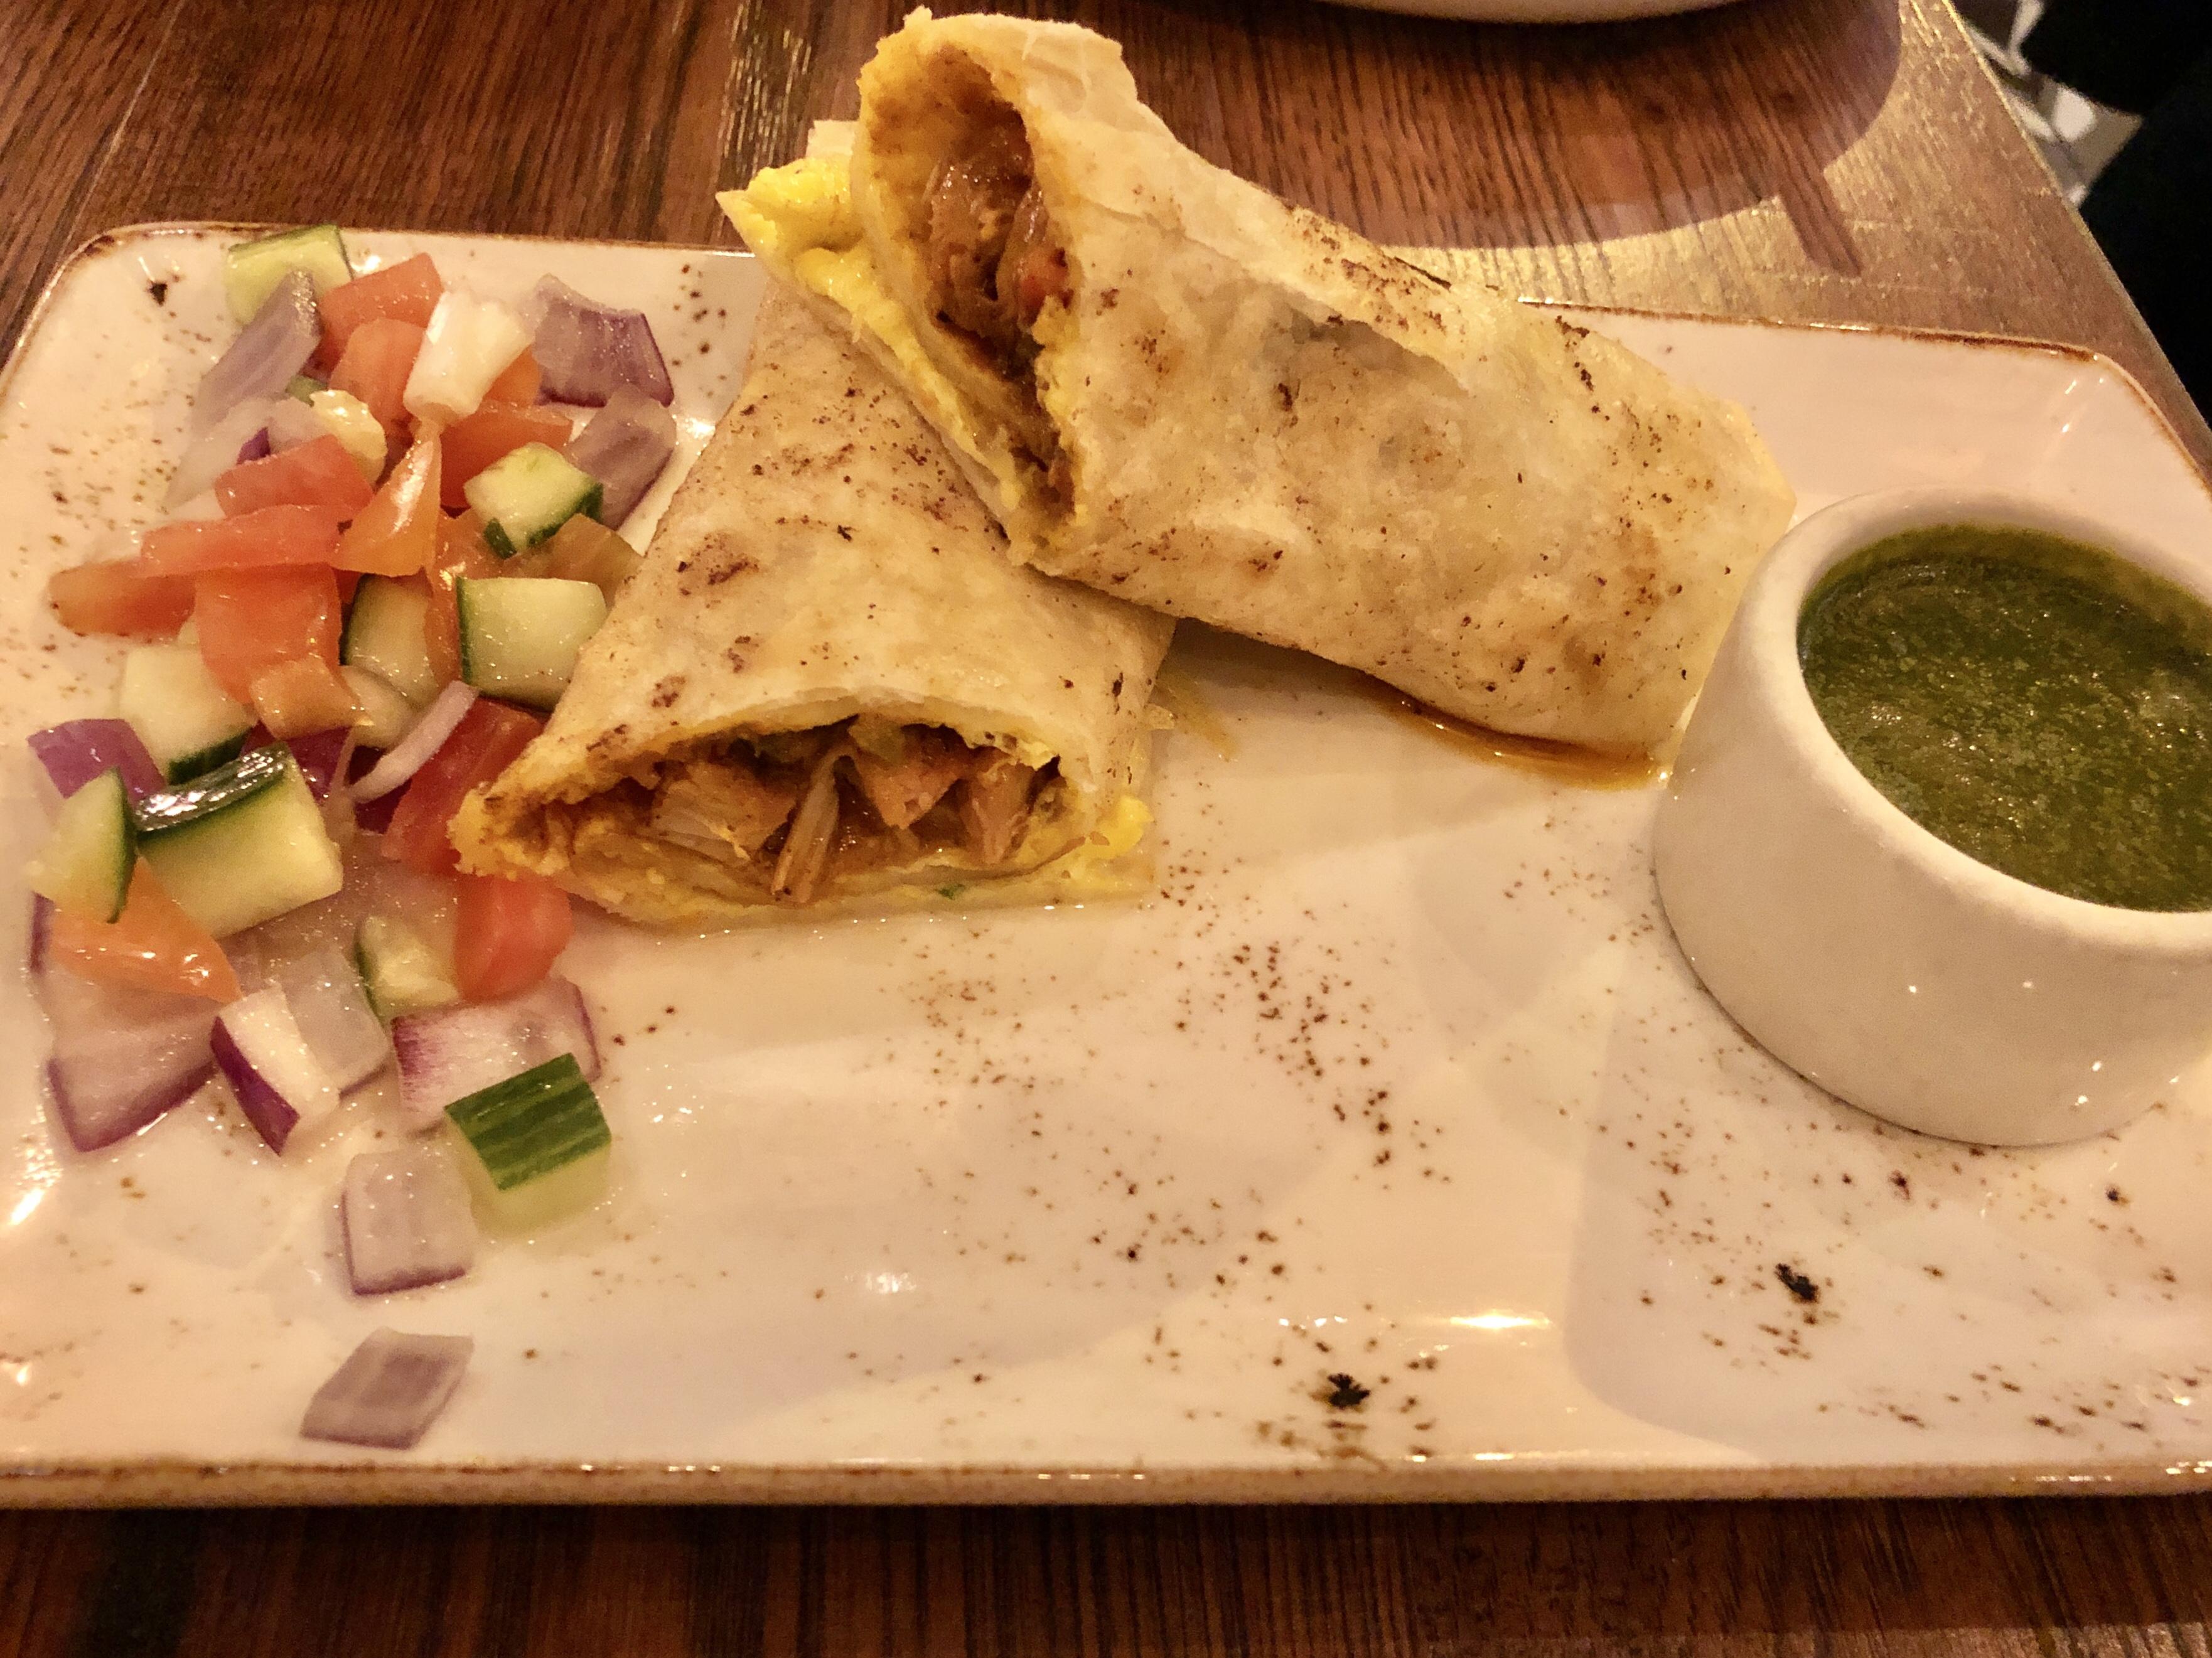 Chicken kathi wrap at Bindaas Indian street food in Foggy Bottom, DC